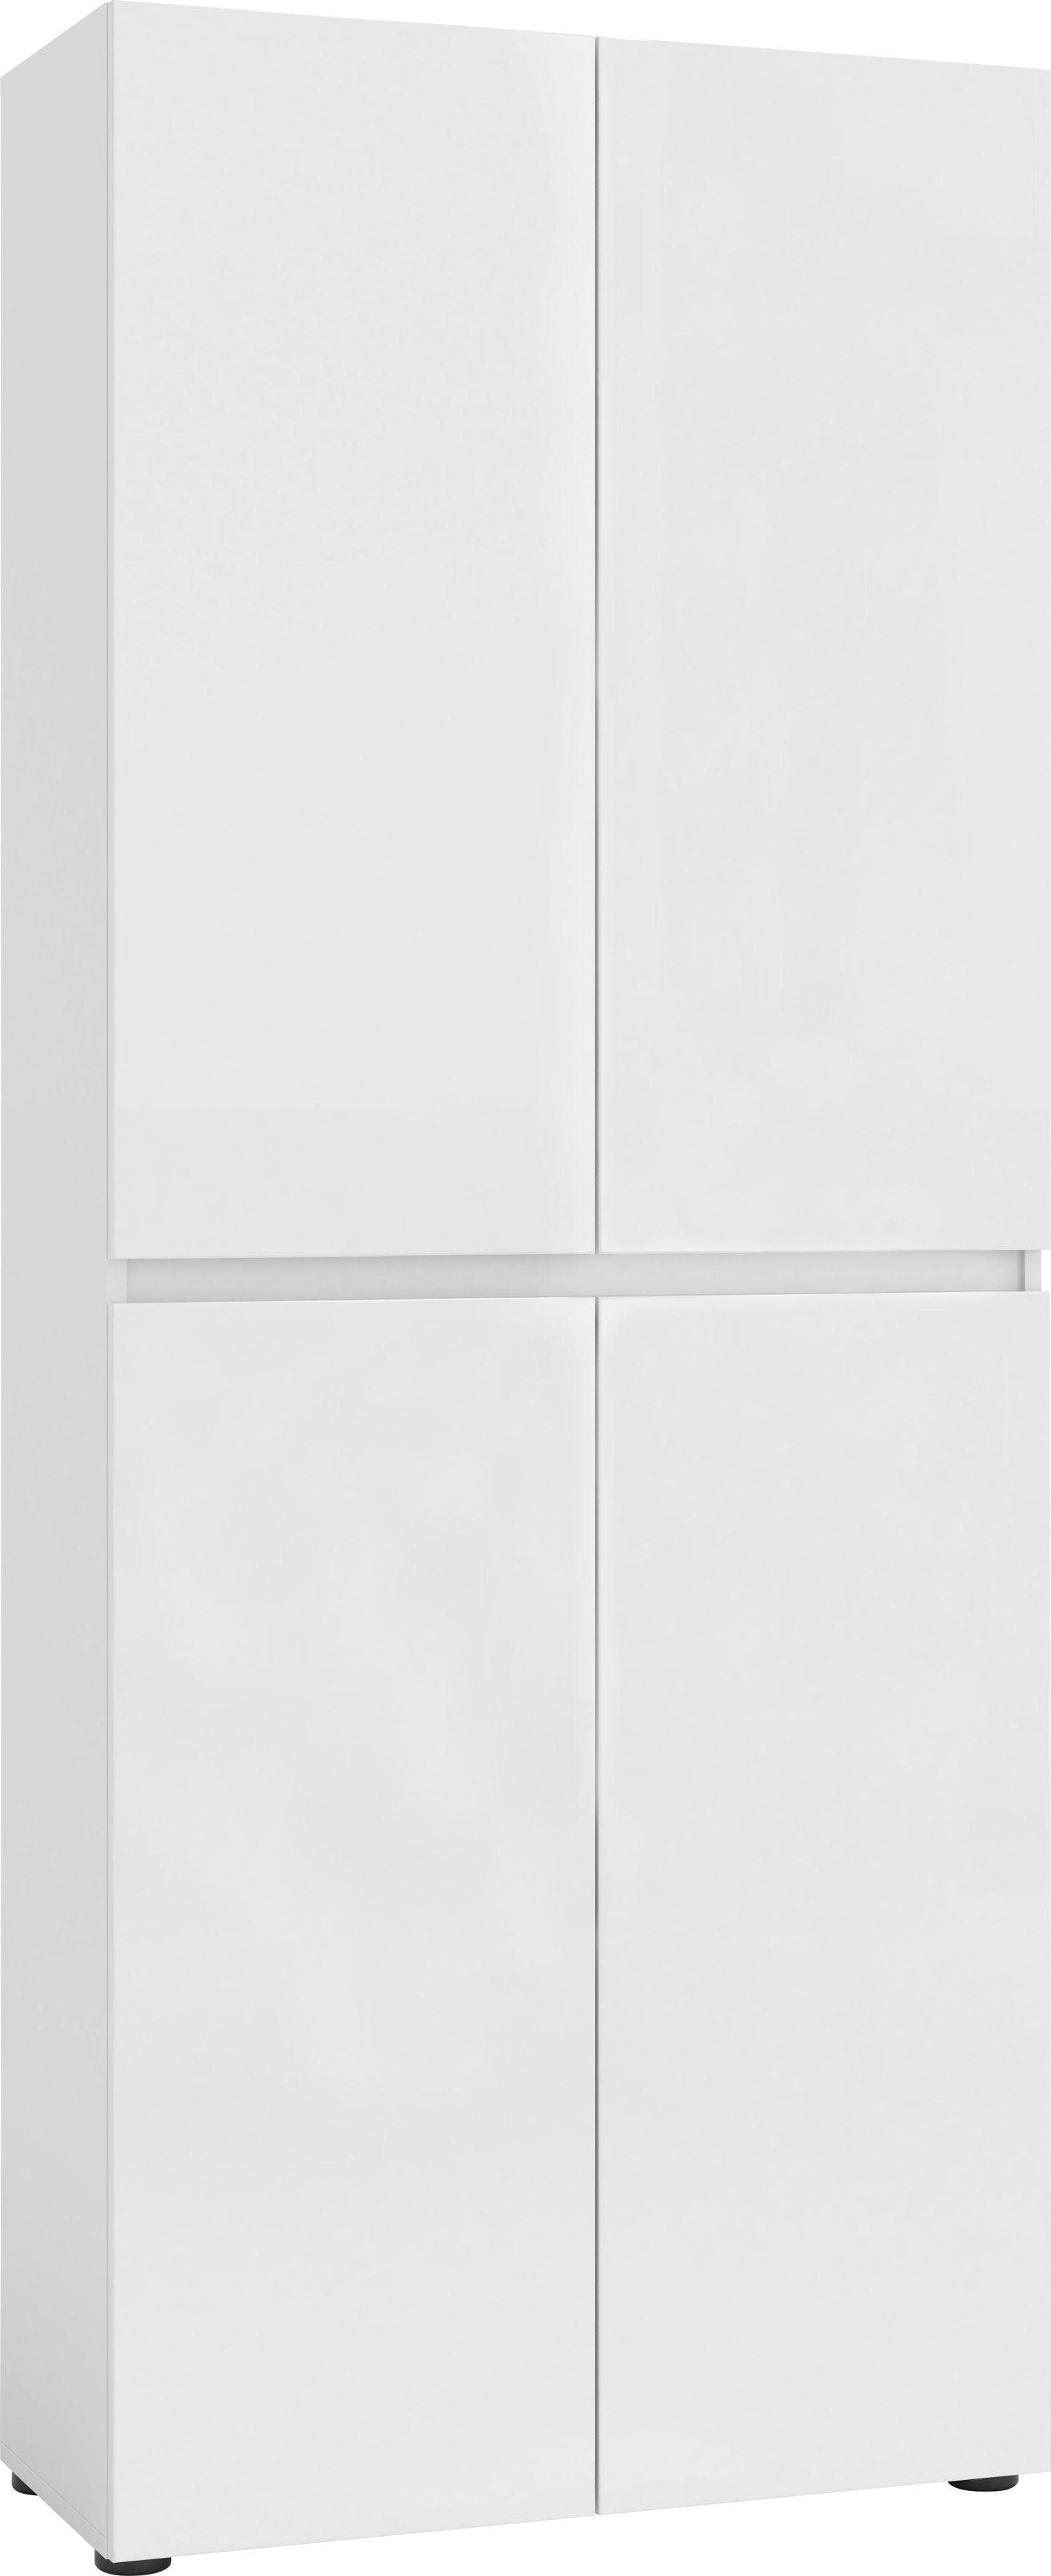 KITALY Schuhschrank »Mister«, Breite 80 cm, Höhe 200 cm, 4 Türen günstig online kaufen